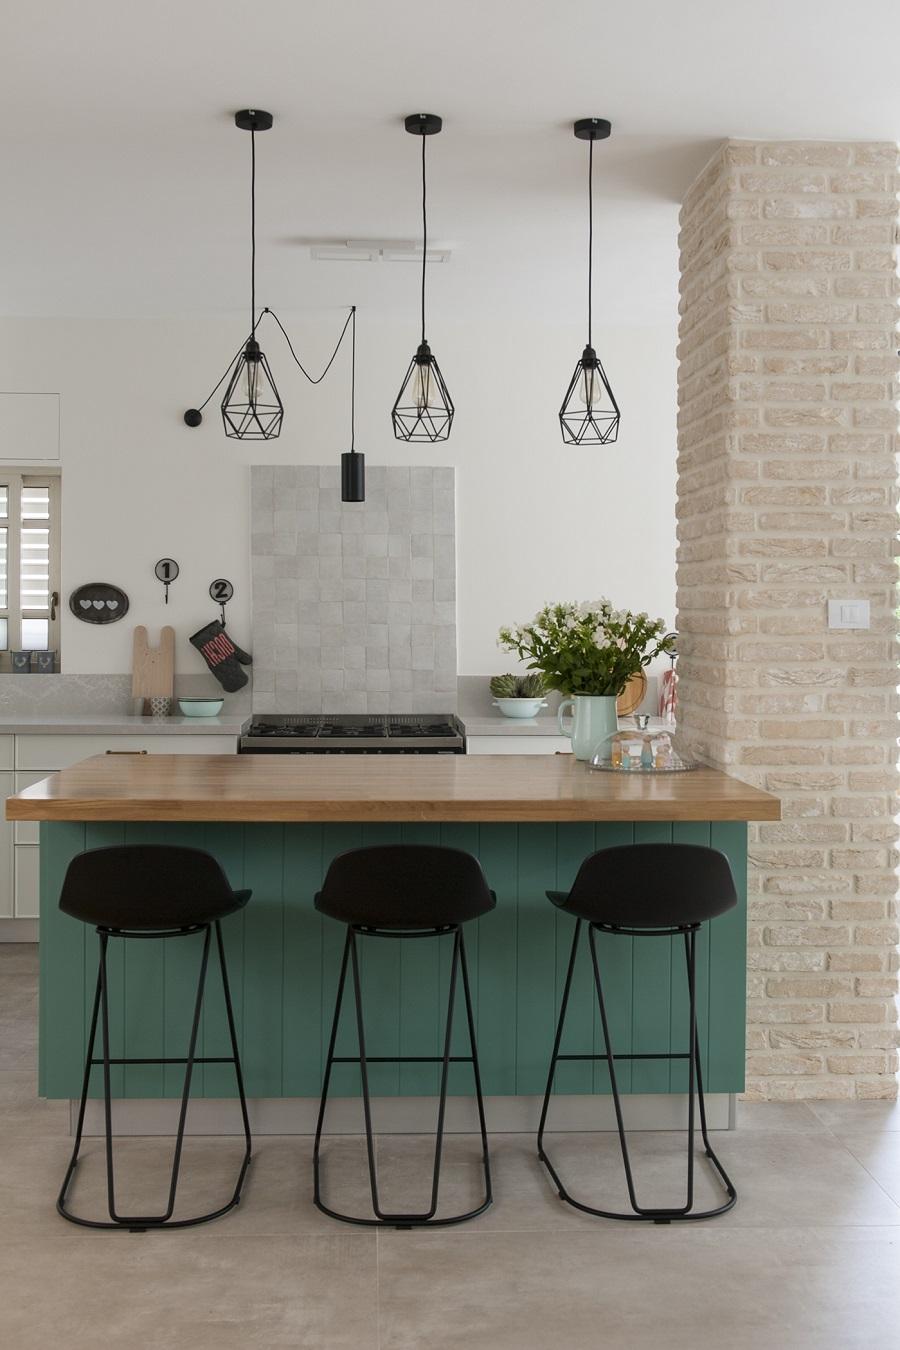 אי למטבח מעץ ירוק וכיסאות שחורים